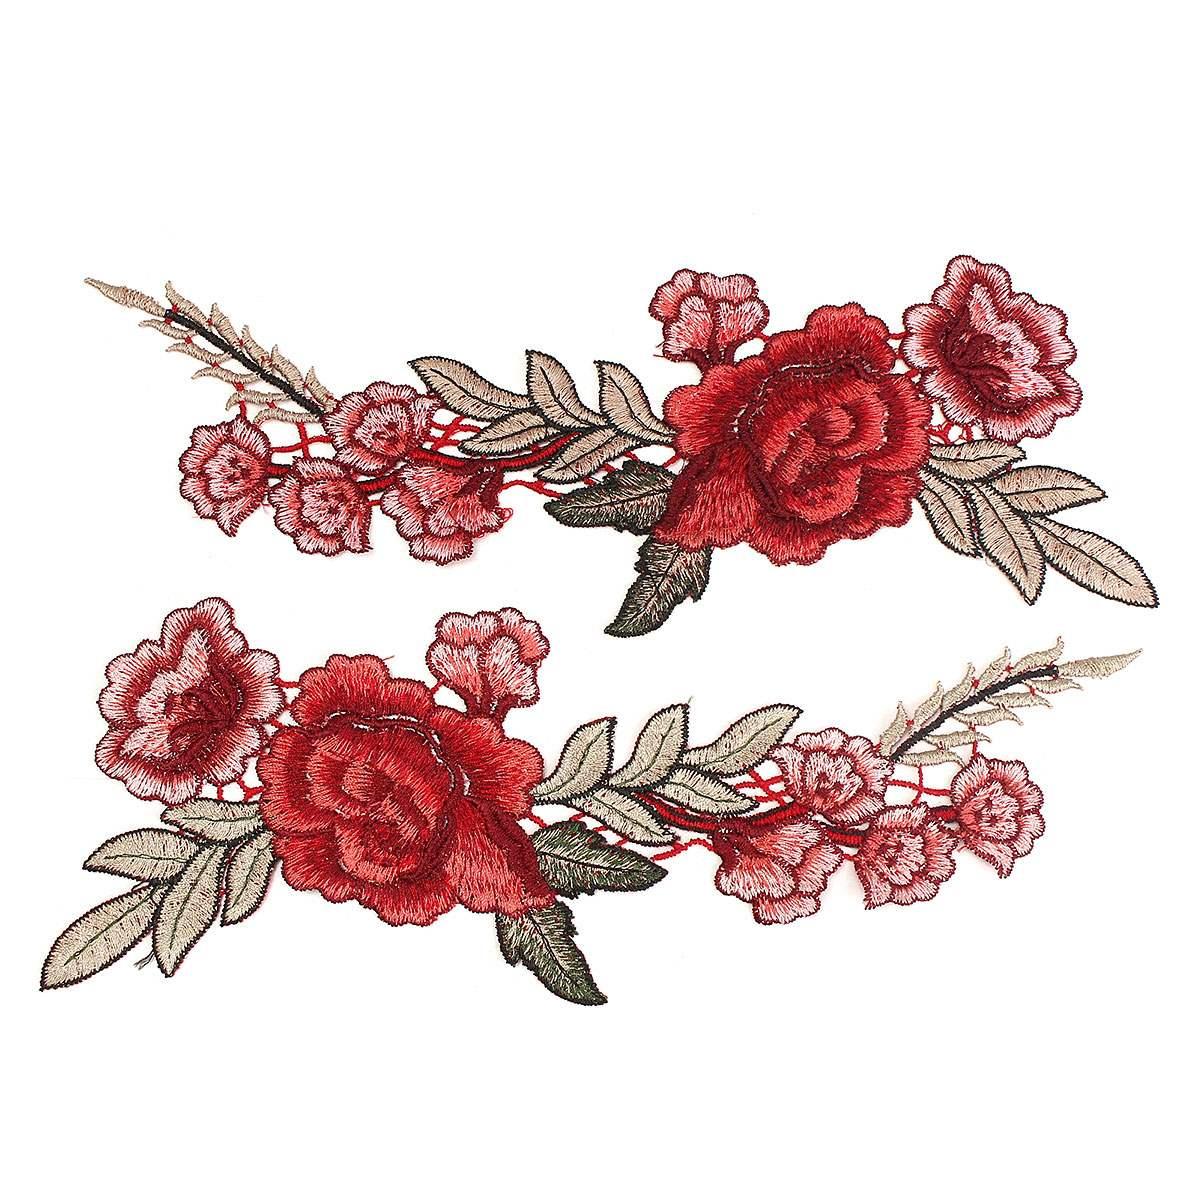 2 шт. красивая роза цветочные воротник шить патч аппликация знак вышивкой на груди платье ручной работы ремесло орнамент ткань стикеры